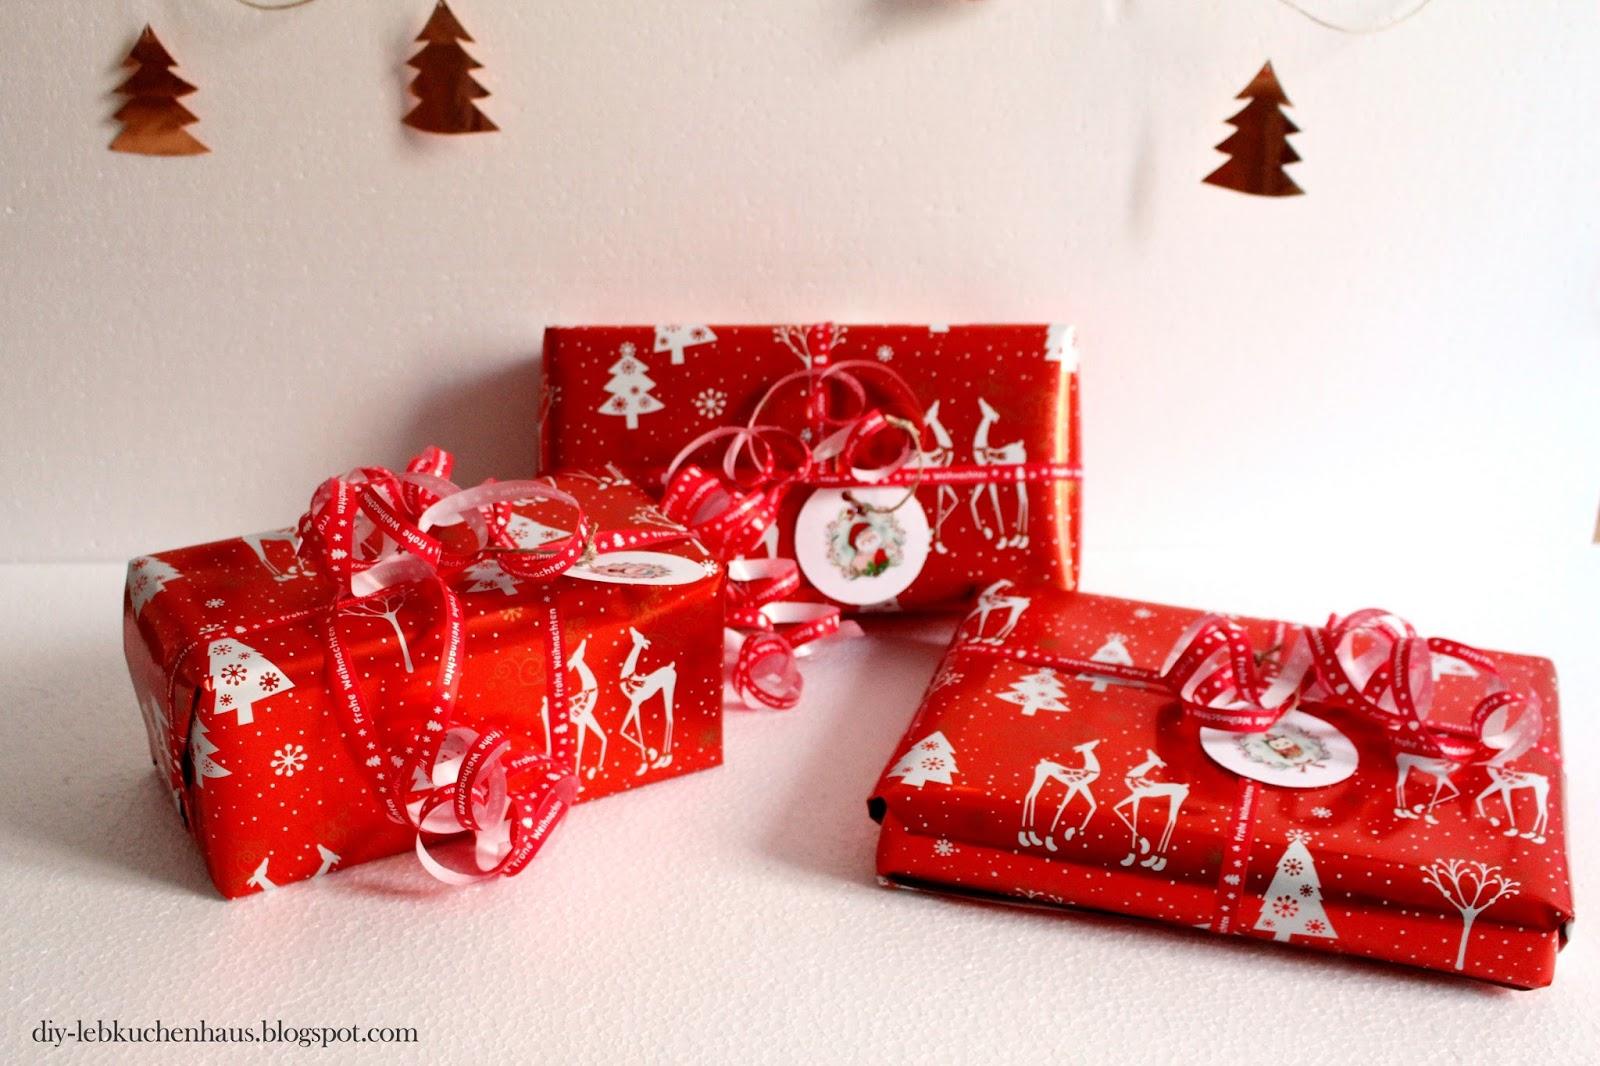 3 tipps geschenke sch n verpacken girlande basteln. Black Bedroom Furniture Sets. Home Design Ideas